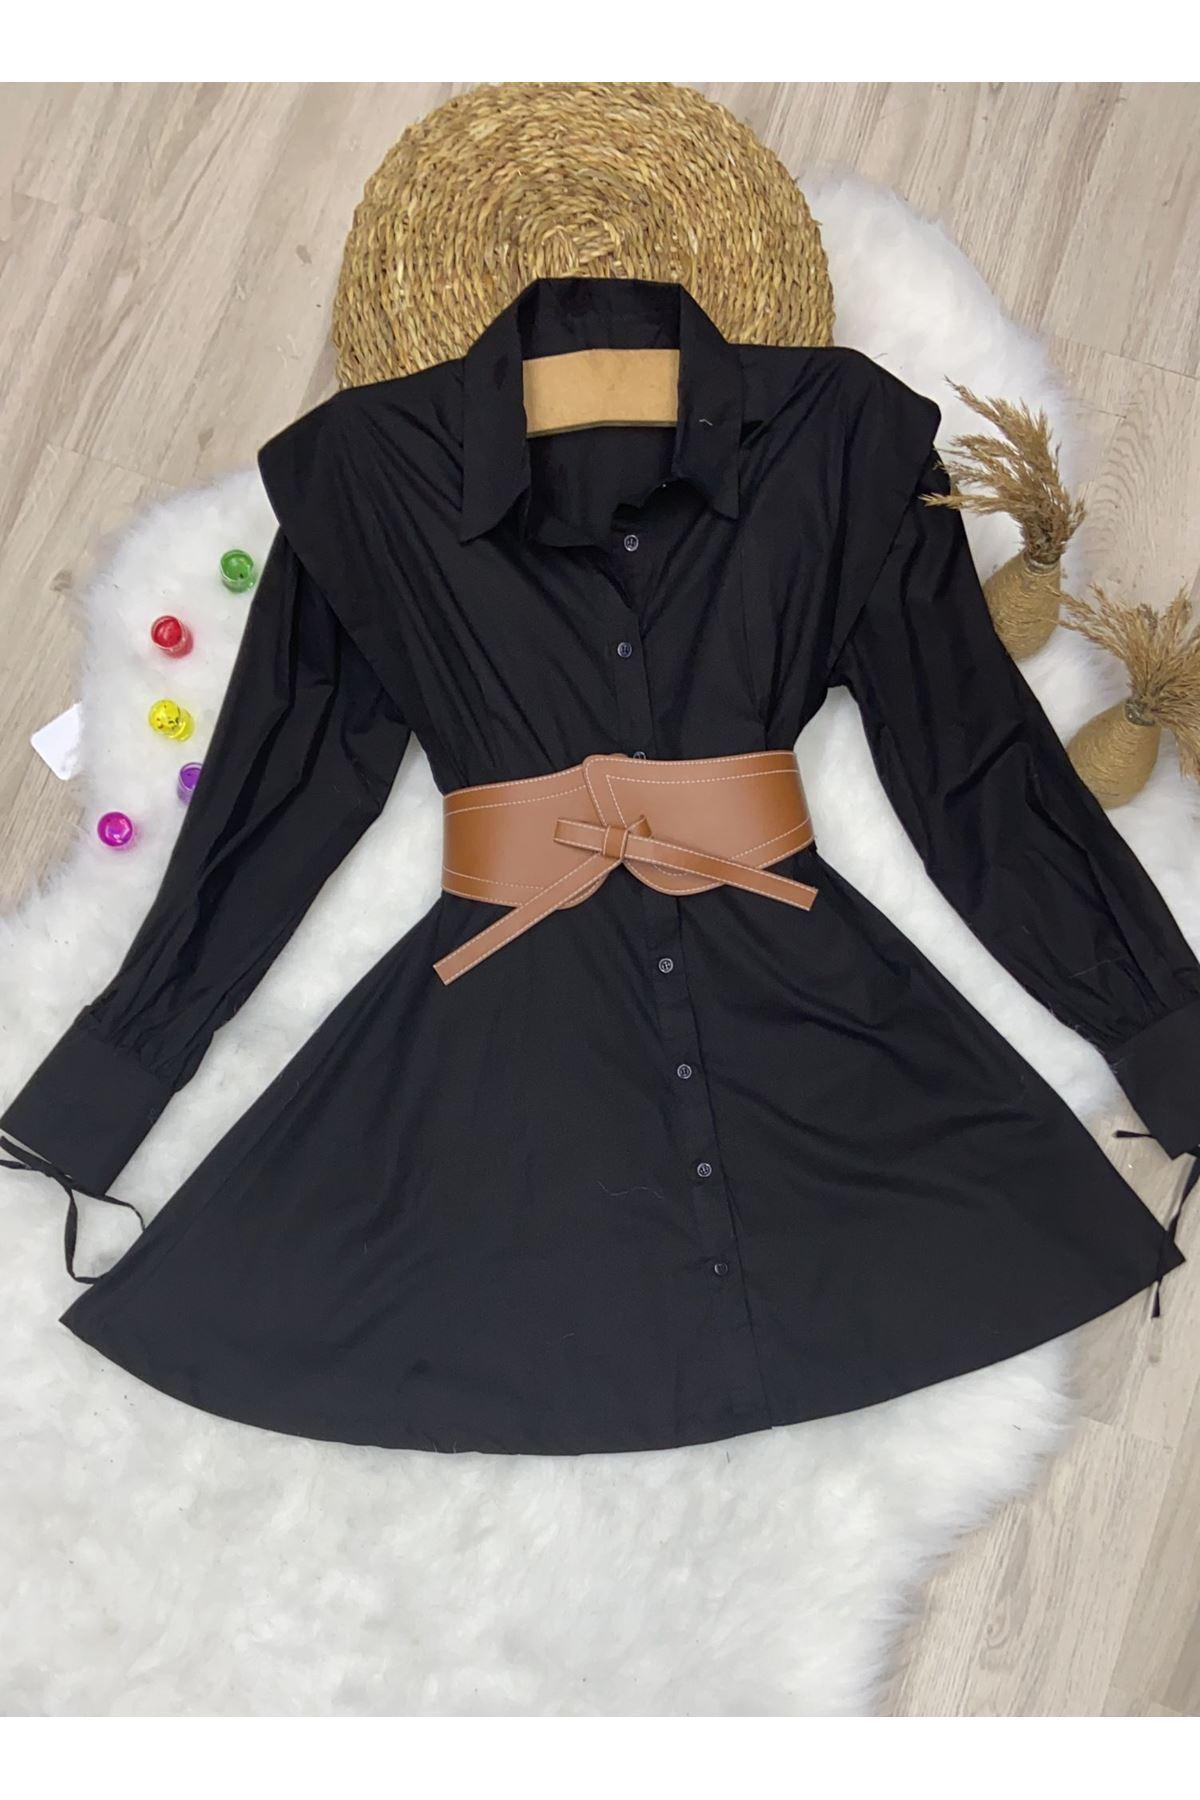 Poplin Kumaş Kemerli Gömlek Elbise - SİYAH